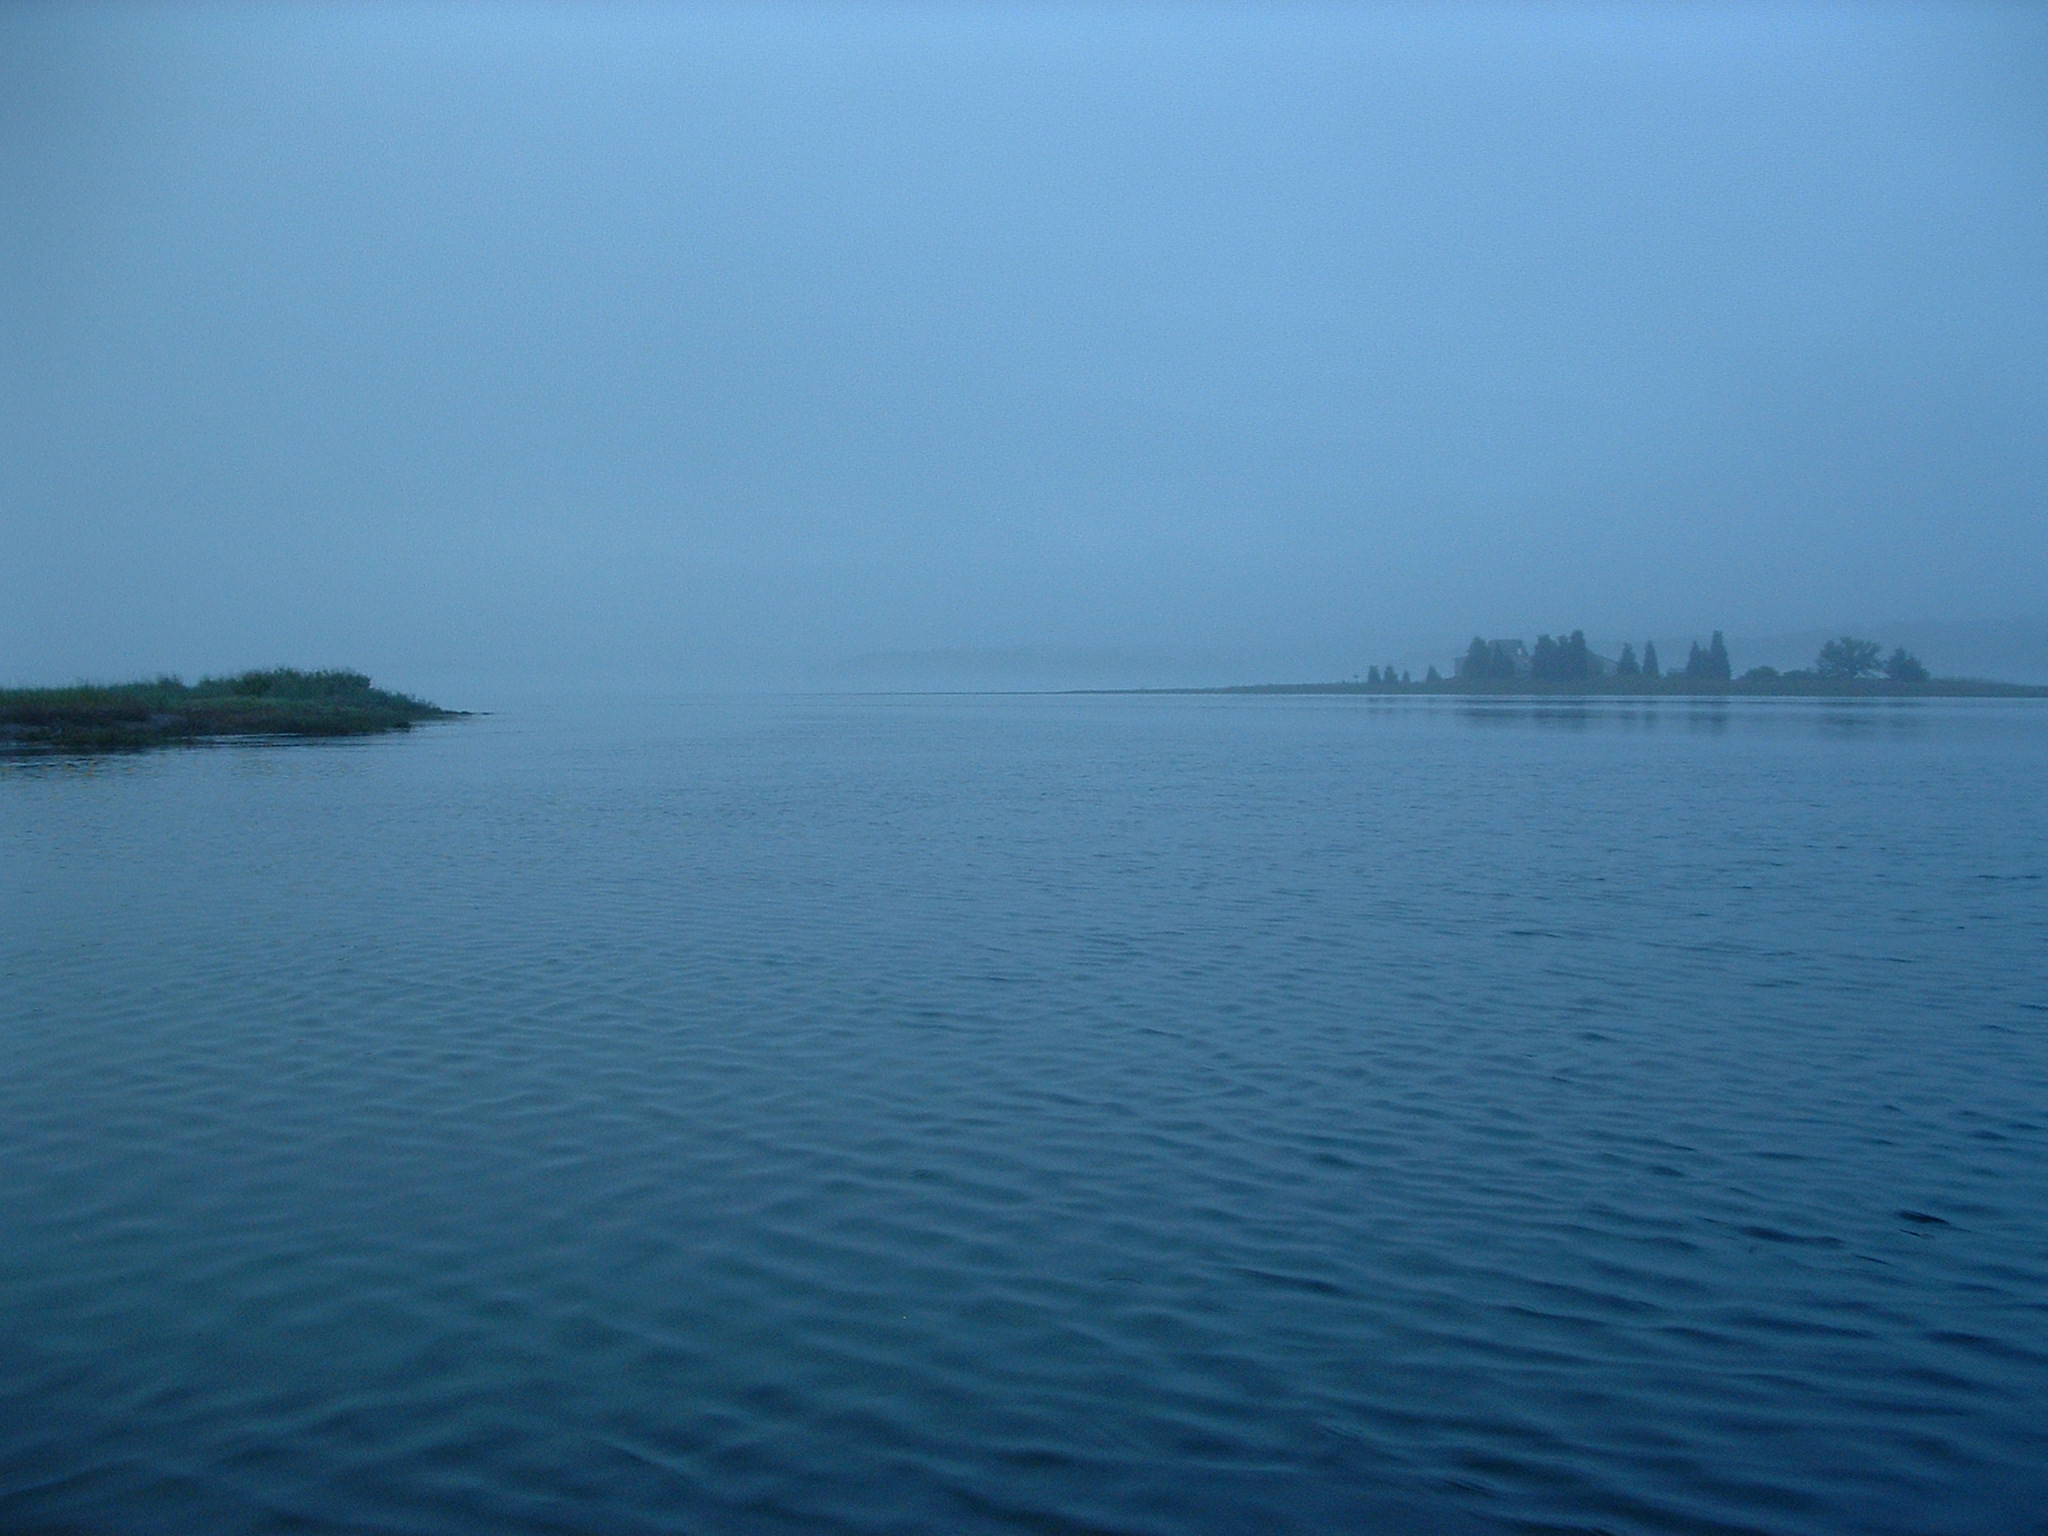 north river may 30 070